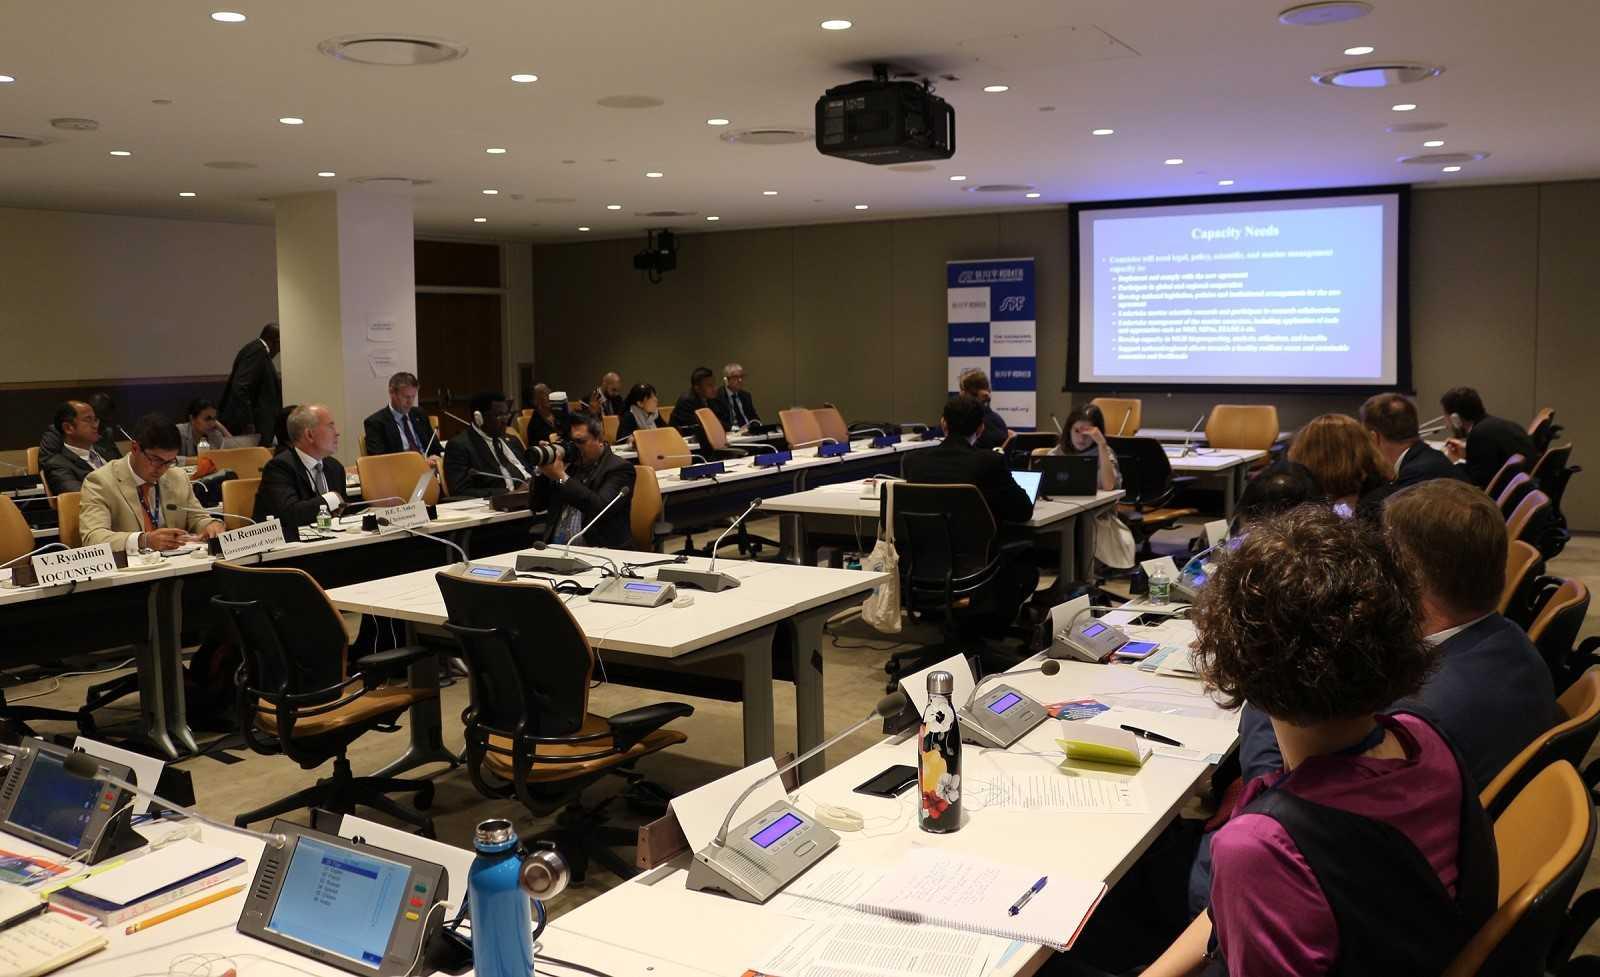 国連本部で会期中のBBNJ政府間会議で、能力開発に関するサイドイベントを開催しました